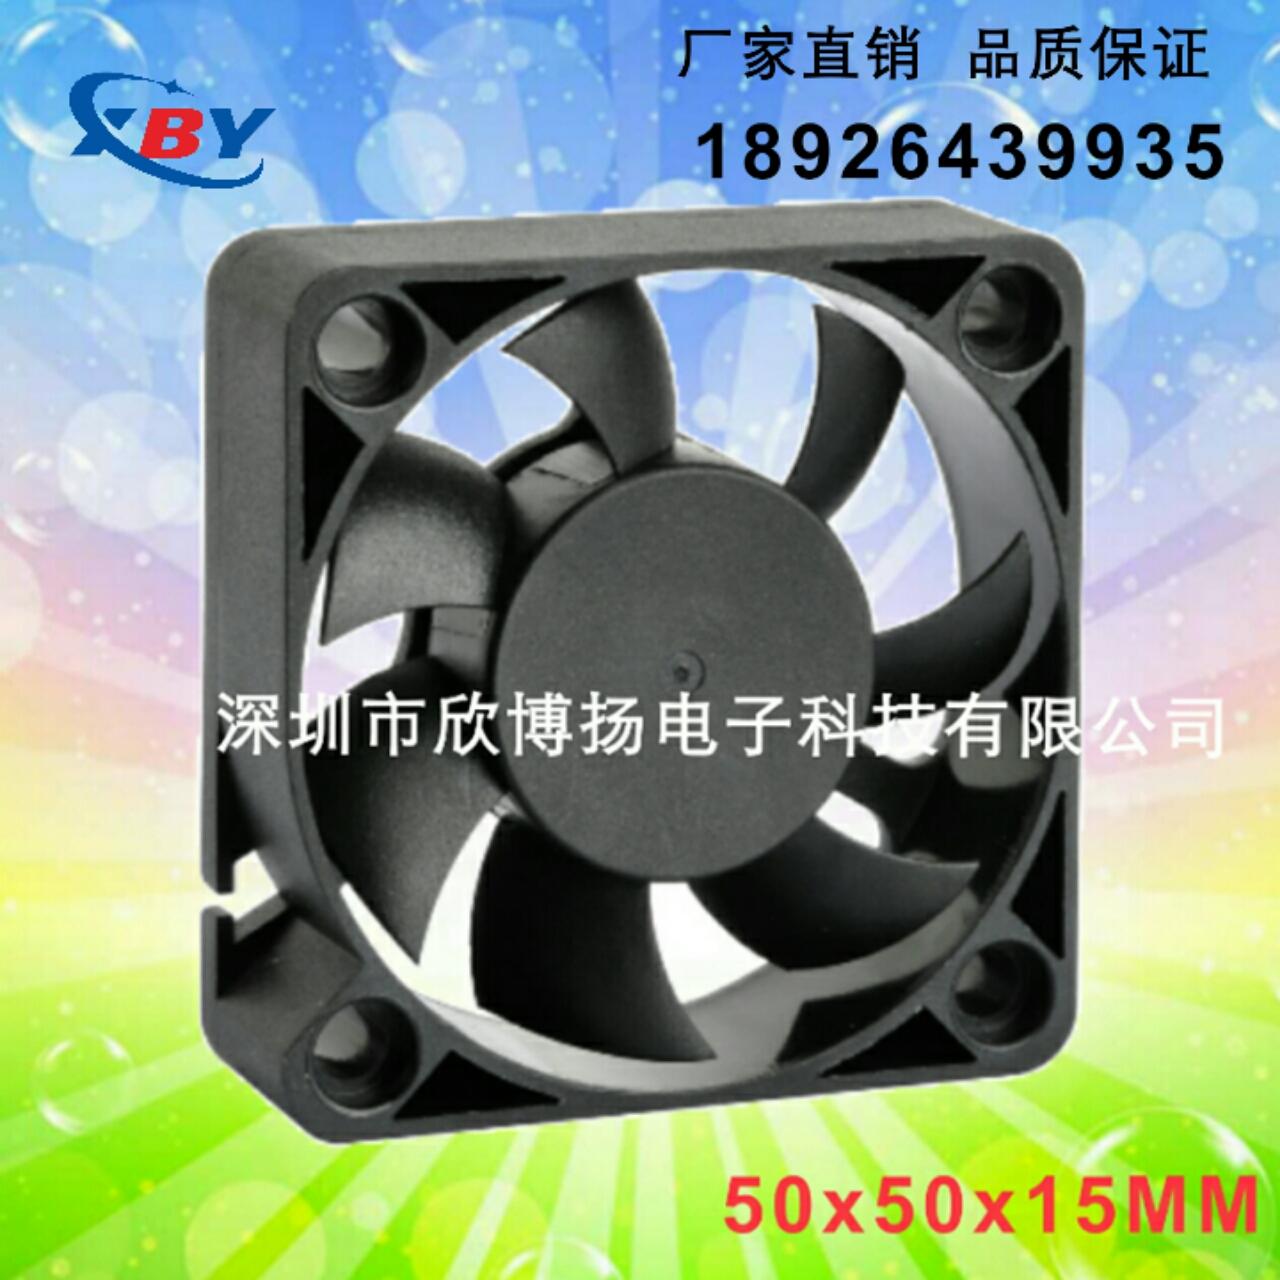 供应鼓风机12V直流风扇  供应5015风扇 DC直流风扇